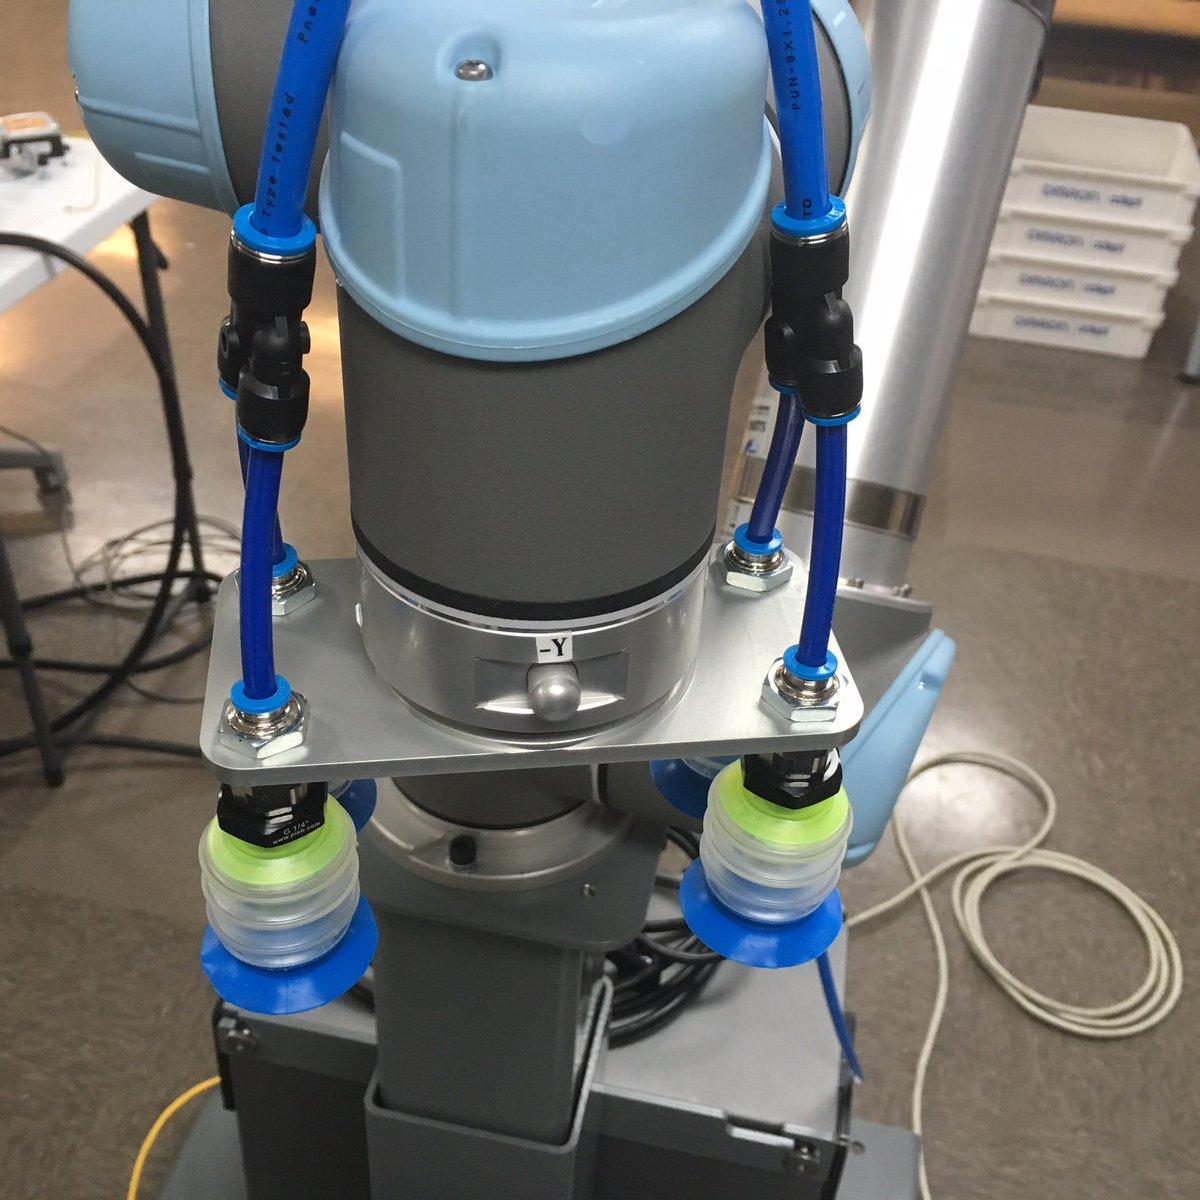 robot létrehozása az opciókhoz